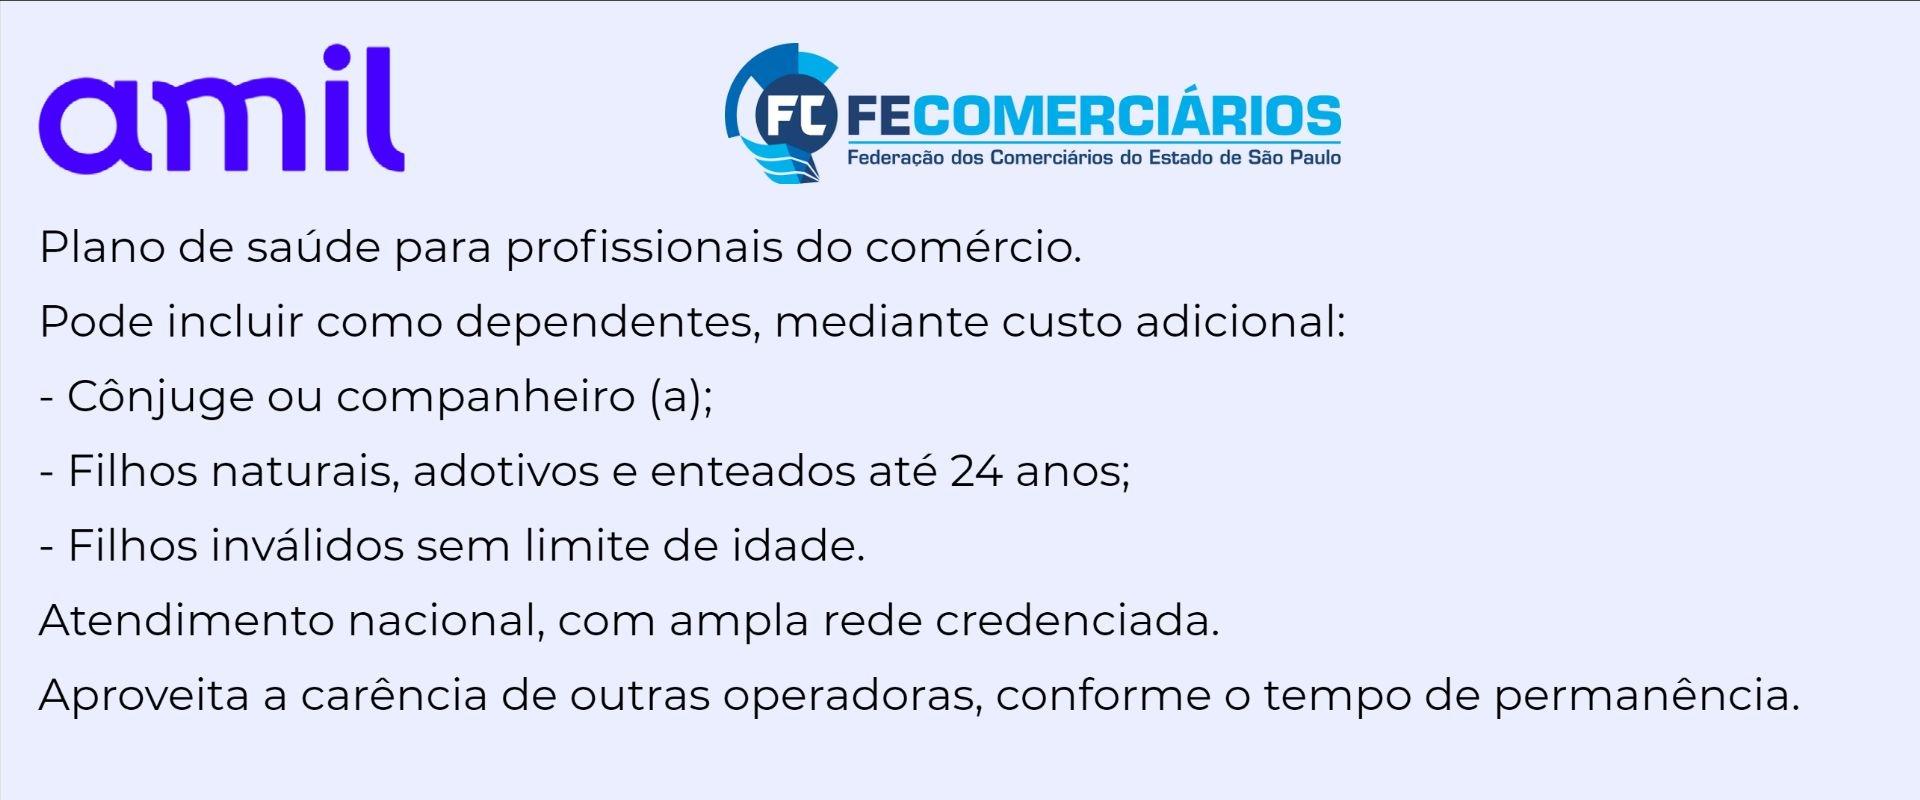 Amil Fecomerciarios-SP